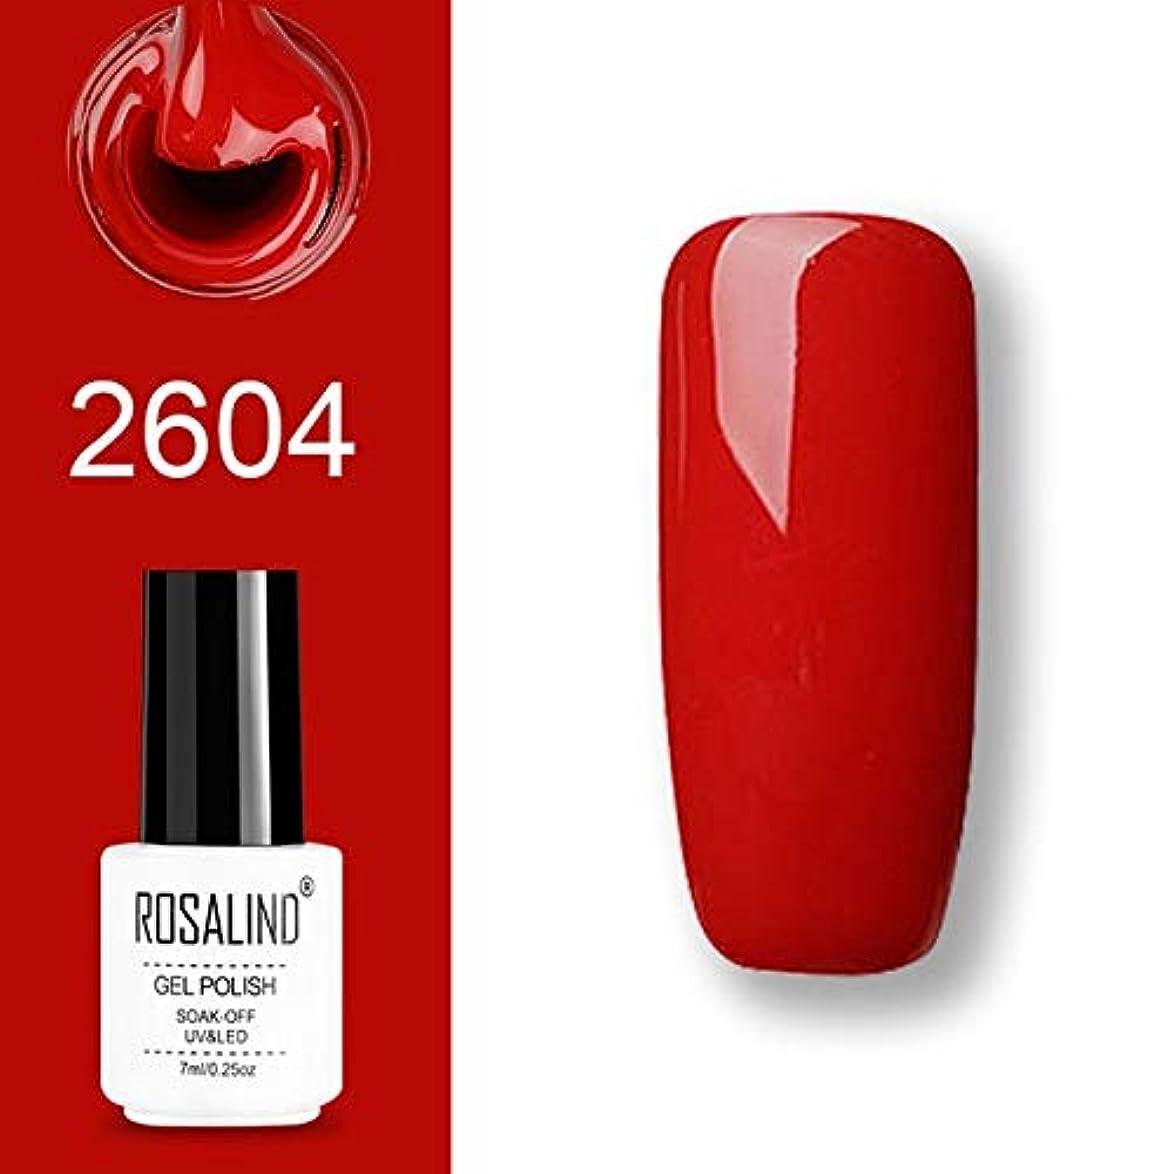 シャンパン埋め込む歌手ファッションアイテム ROSALINDジェルポリッシュセットUV半永久プライマートップコートポリジェルニスネイルアートマニキュアジェル、容量:7ml 2604ジェルポリッシュ 環境に優しいマニキュア